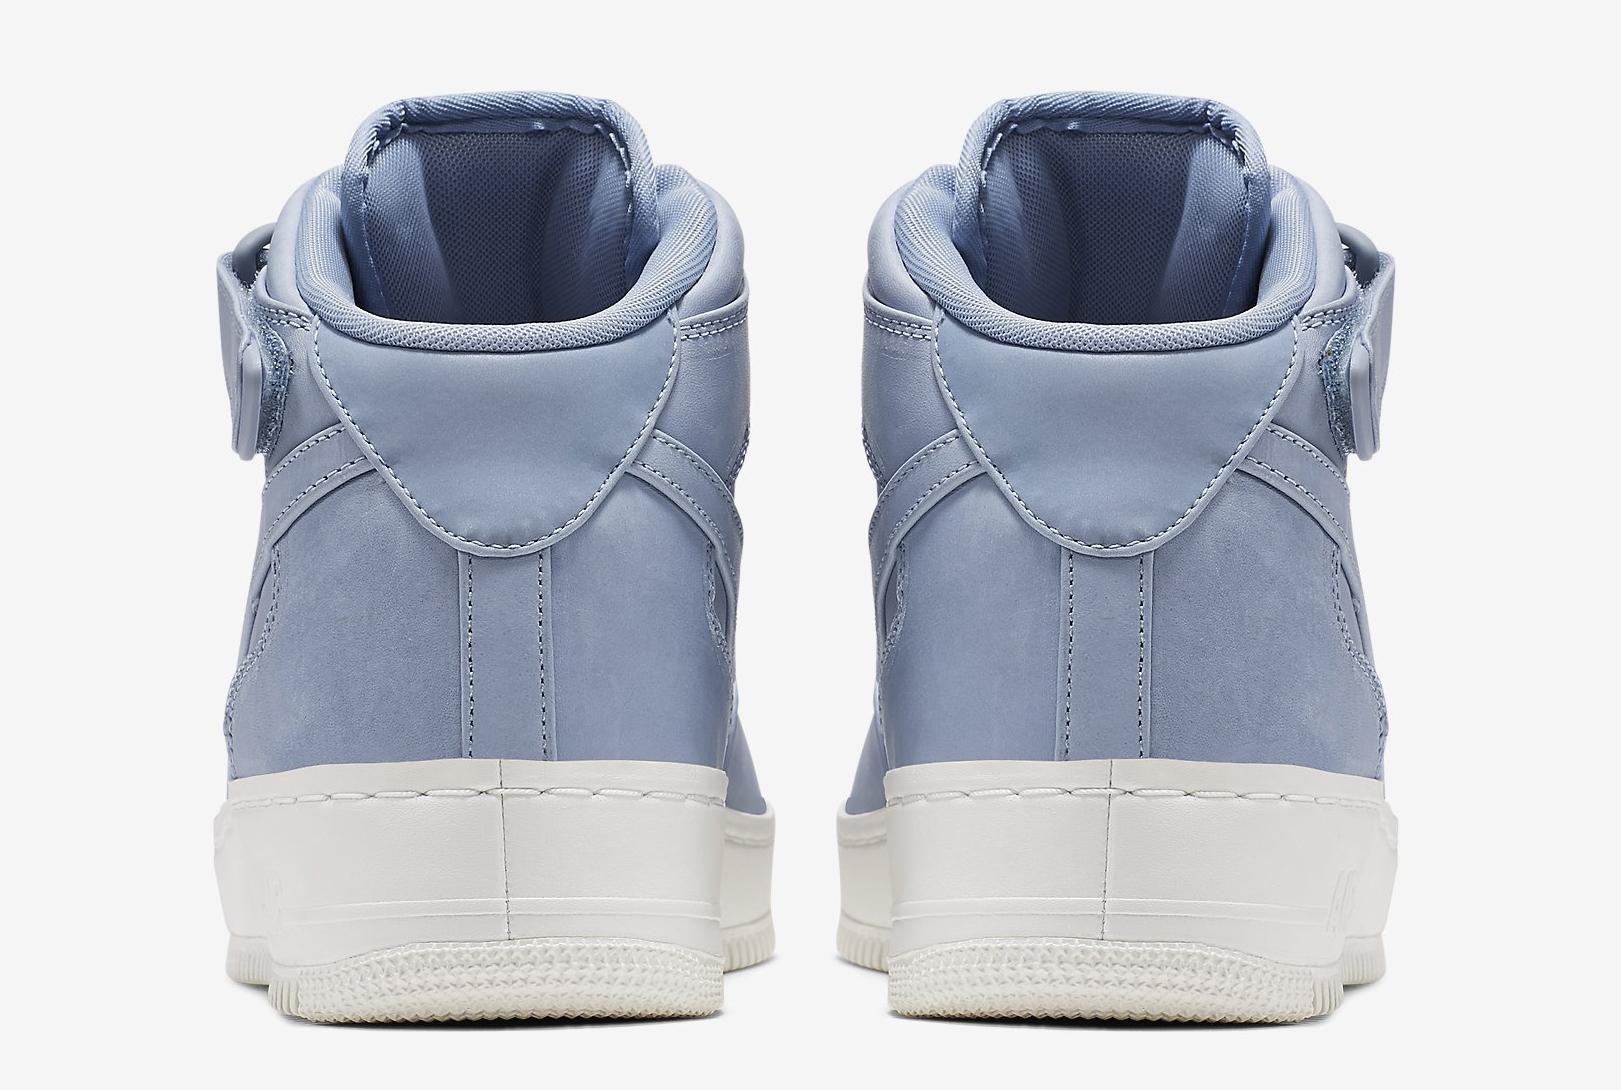 nikelab-air-force-1-mid-blue-grey-905619-400-heel